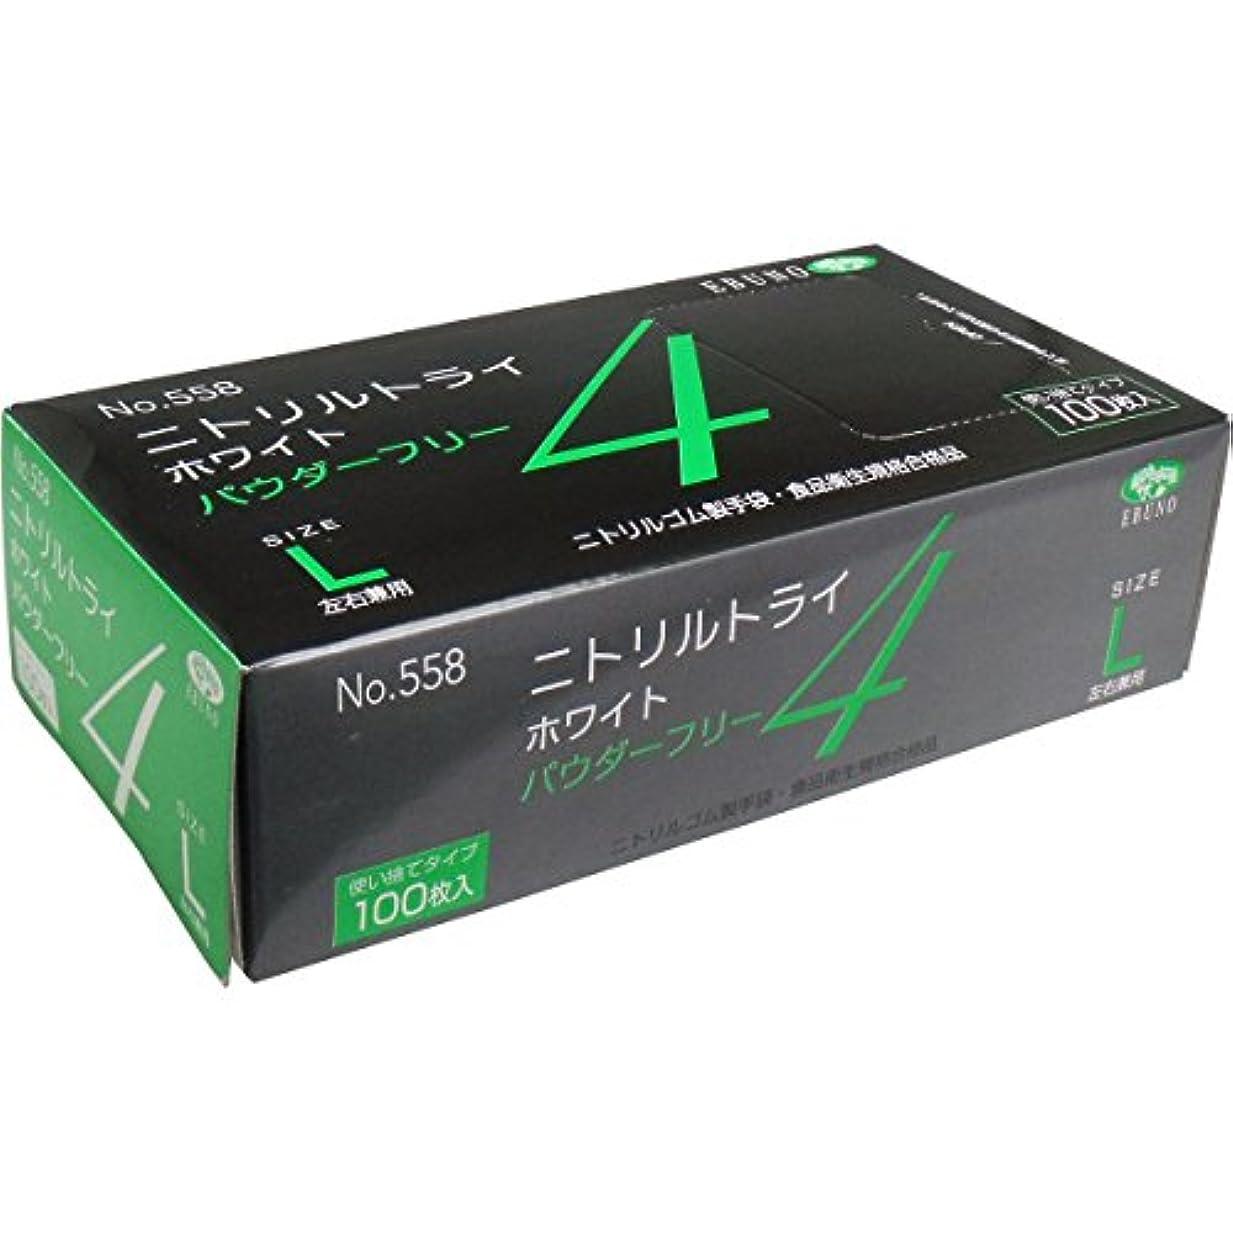 告白する明るい消費者ニトリルトライ4 手袋 ホワイト パウダーフリー Lサイズ 100枚入(単品)